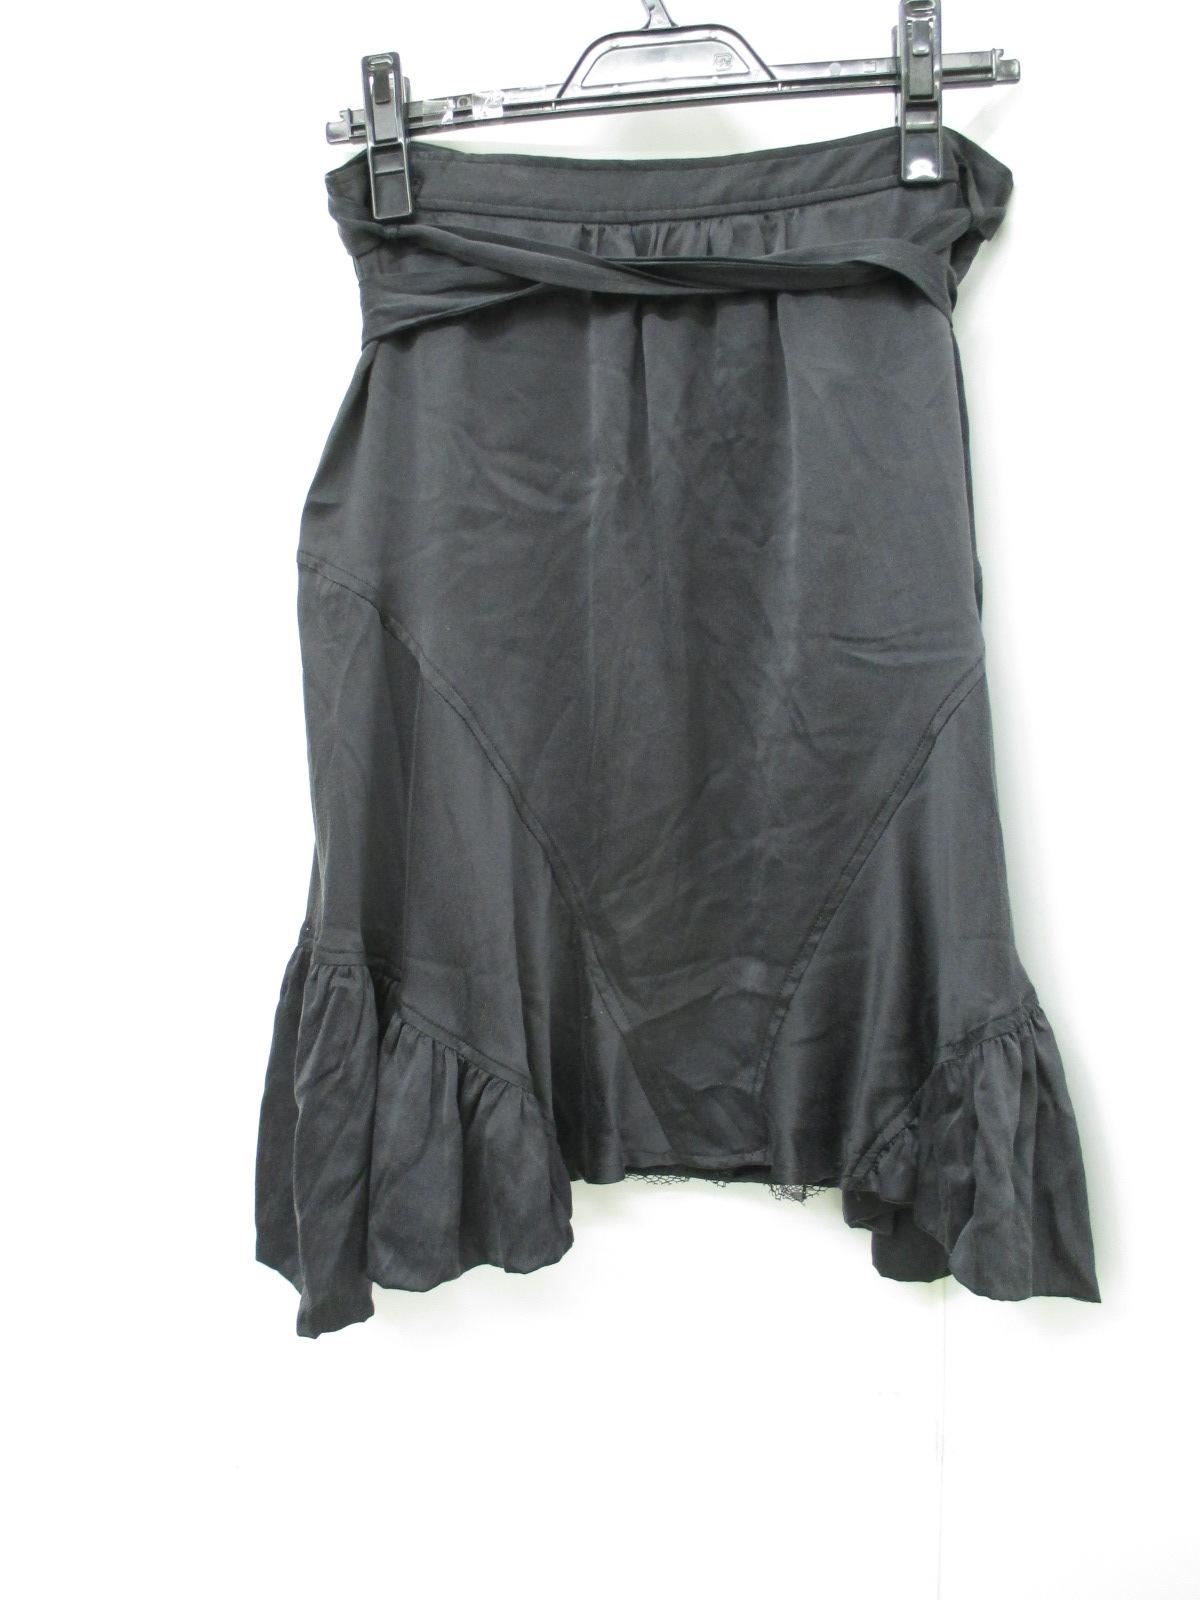 ANGELOS-FRENTZOS(アンジェロフレントス)のスカート